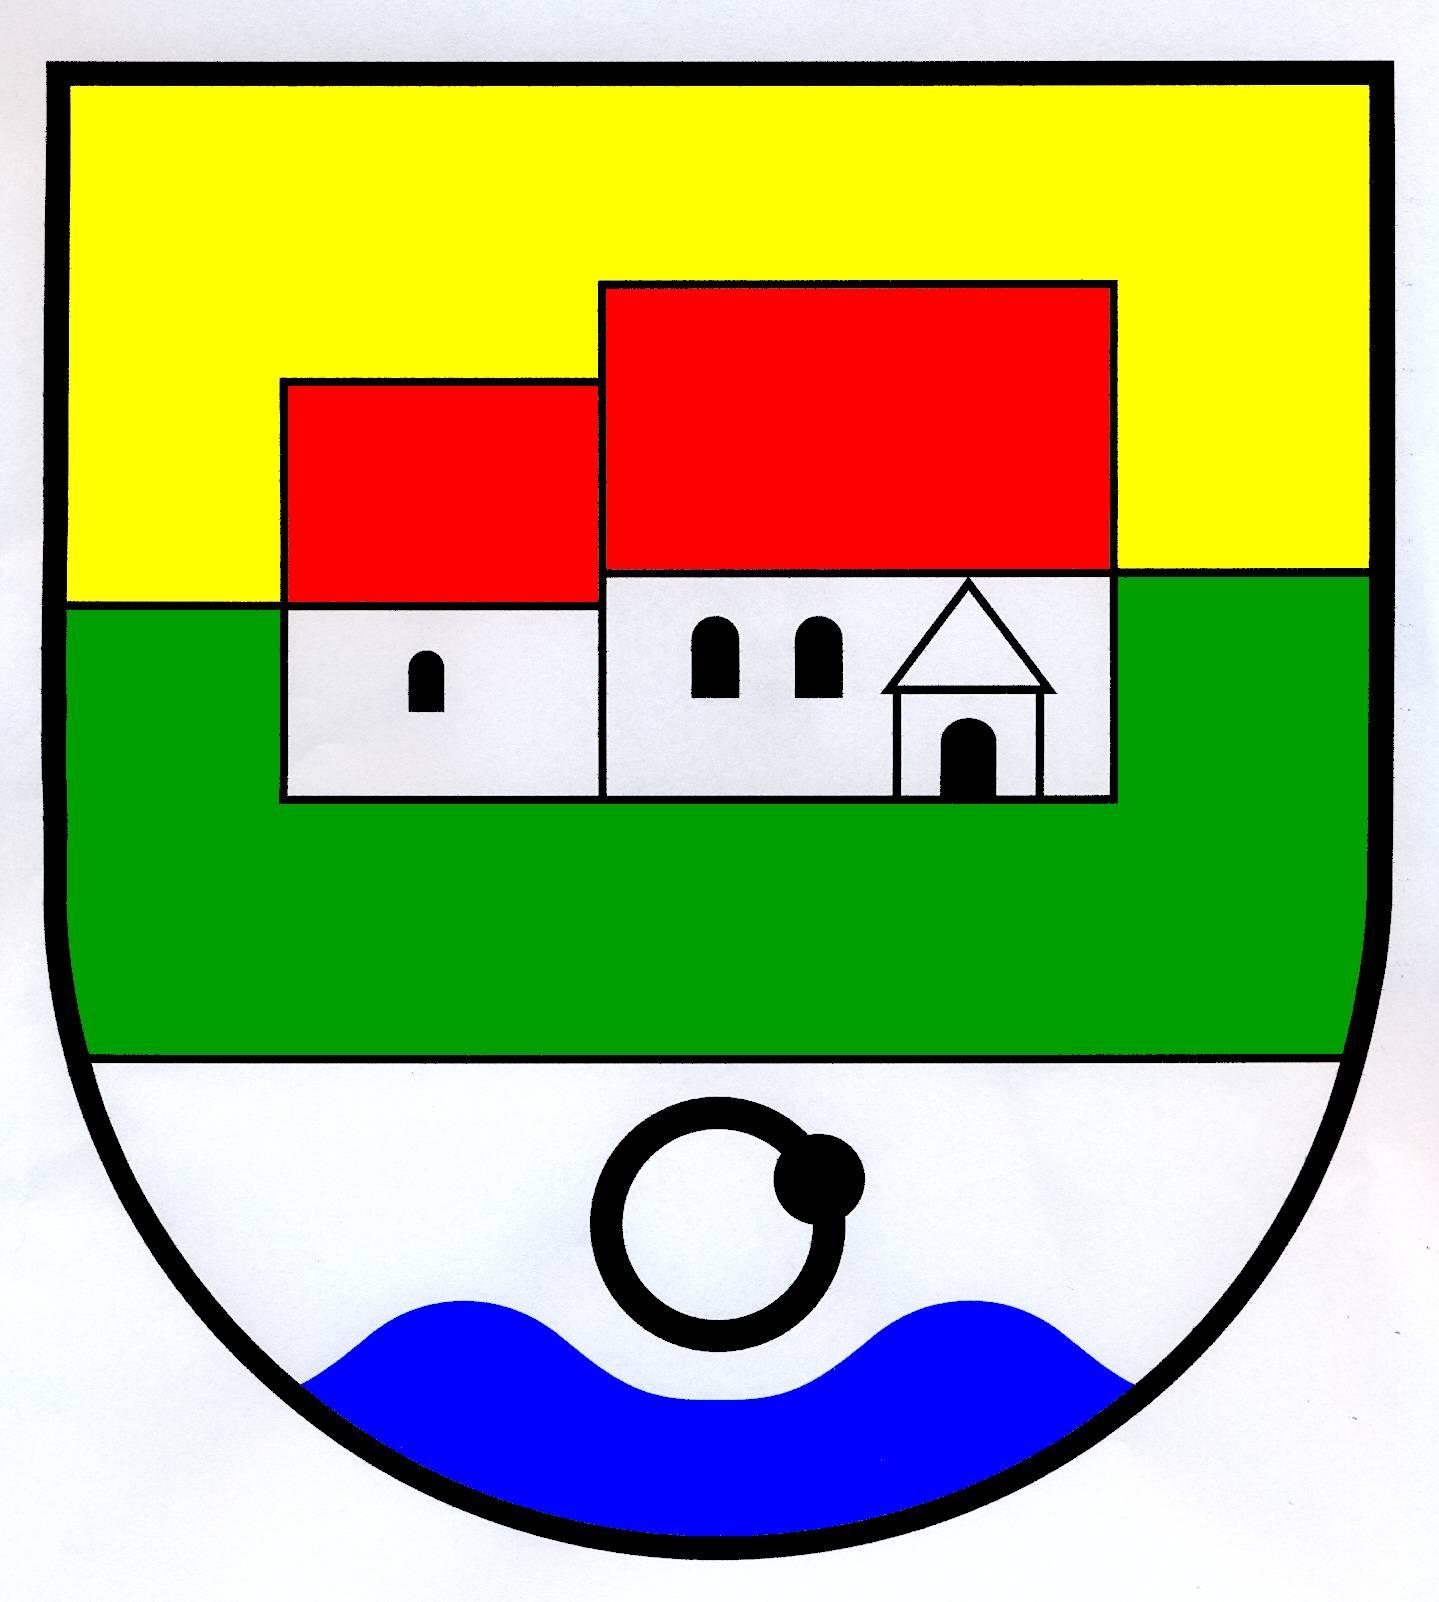 Wappen GemeindeOlderup, Kreis Nordfriesland